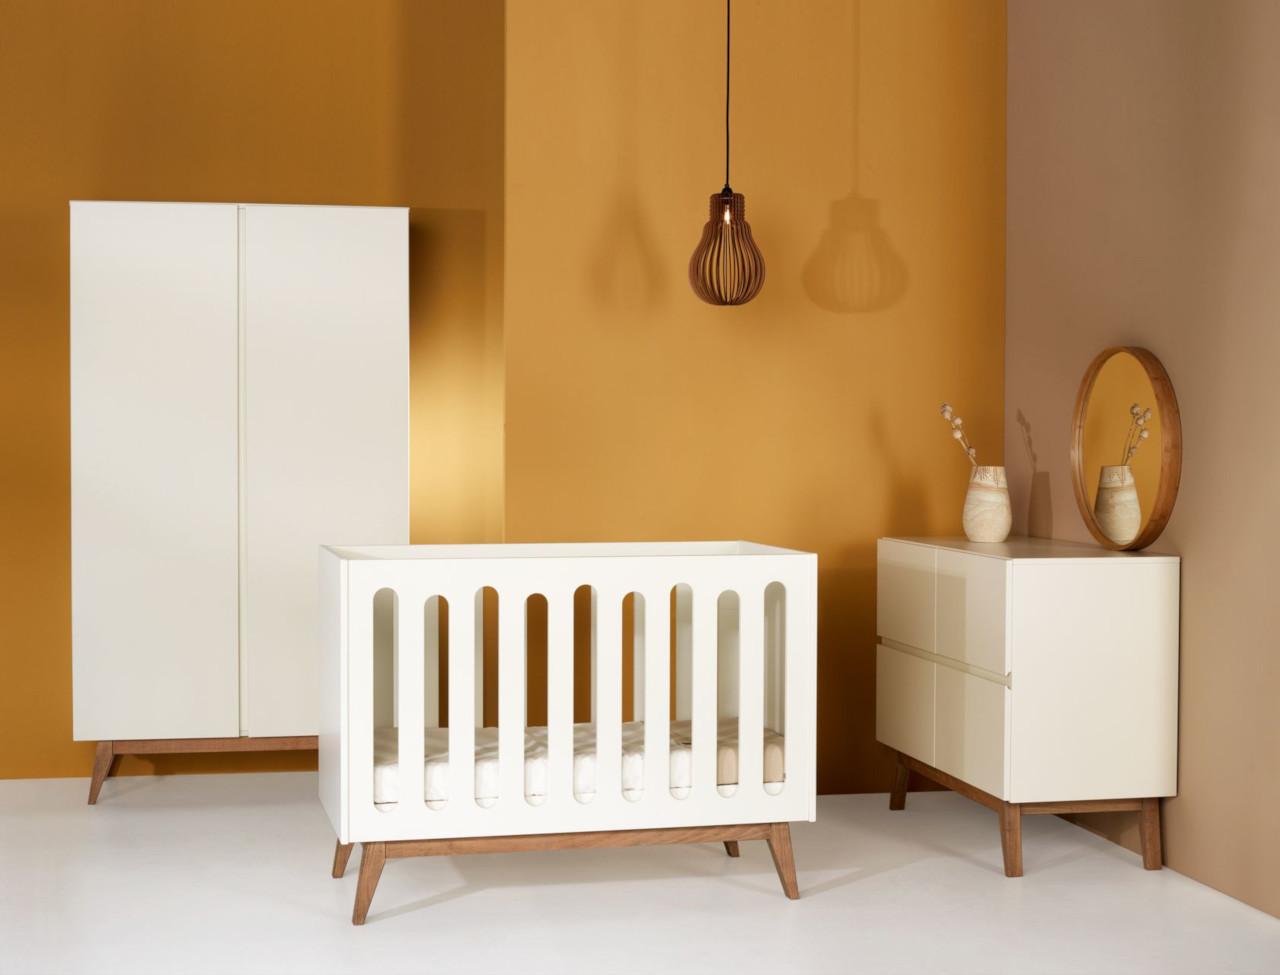 Quax Babyzimmer Trendy Weiß in Berlin kaufen - Kleine Fabriek